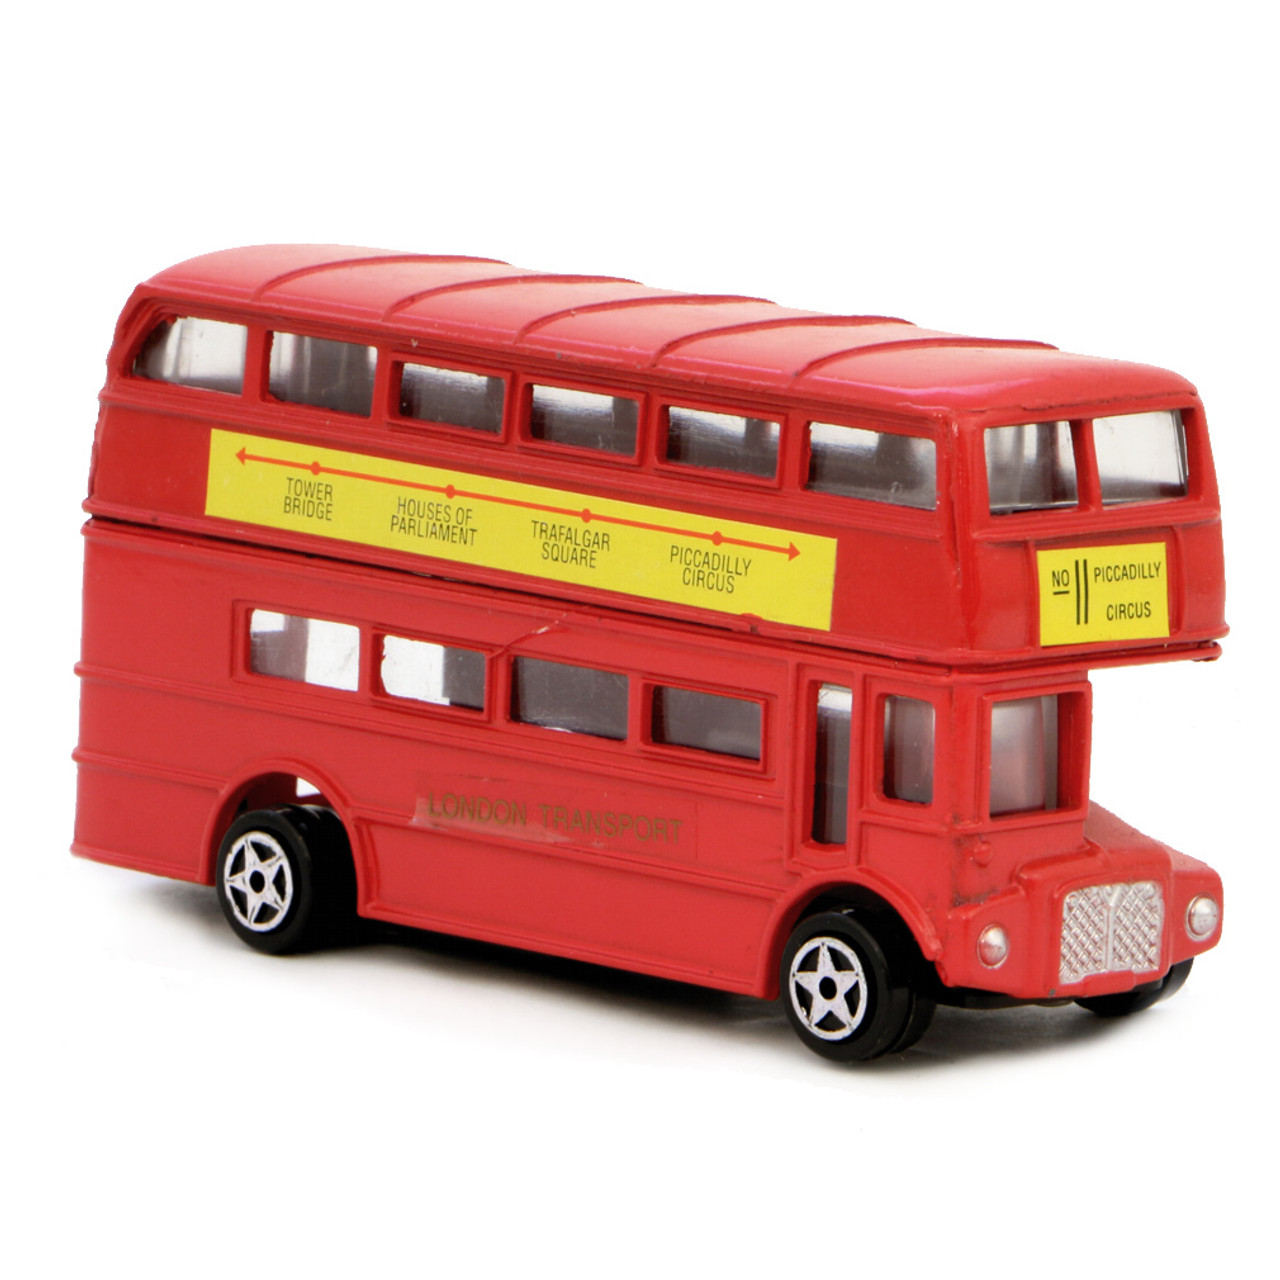 british double decker bus toy